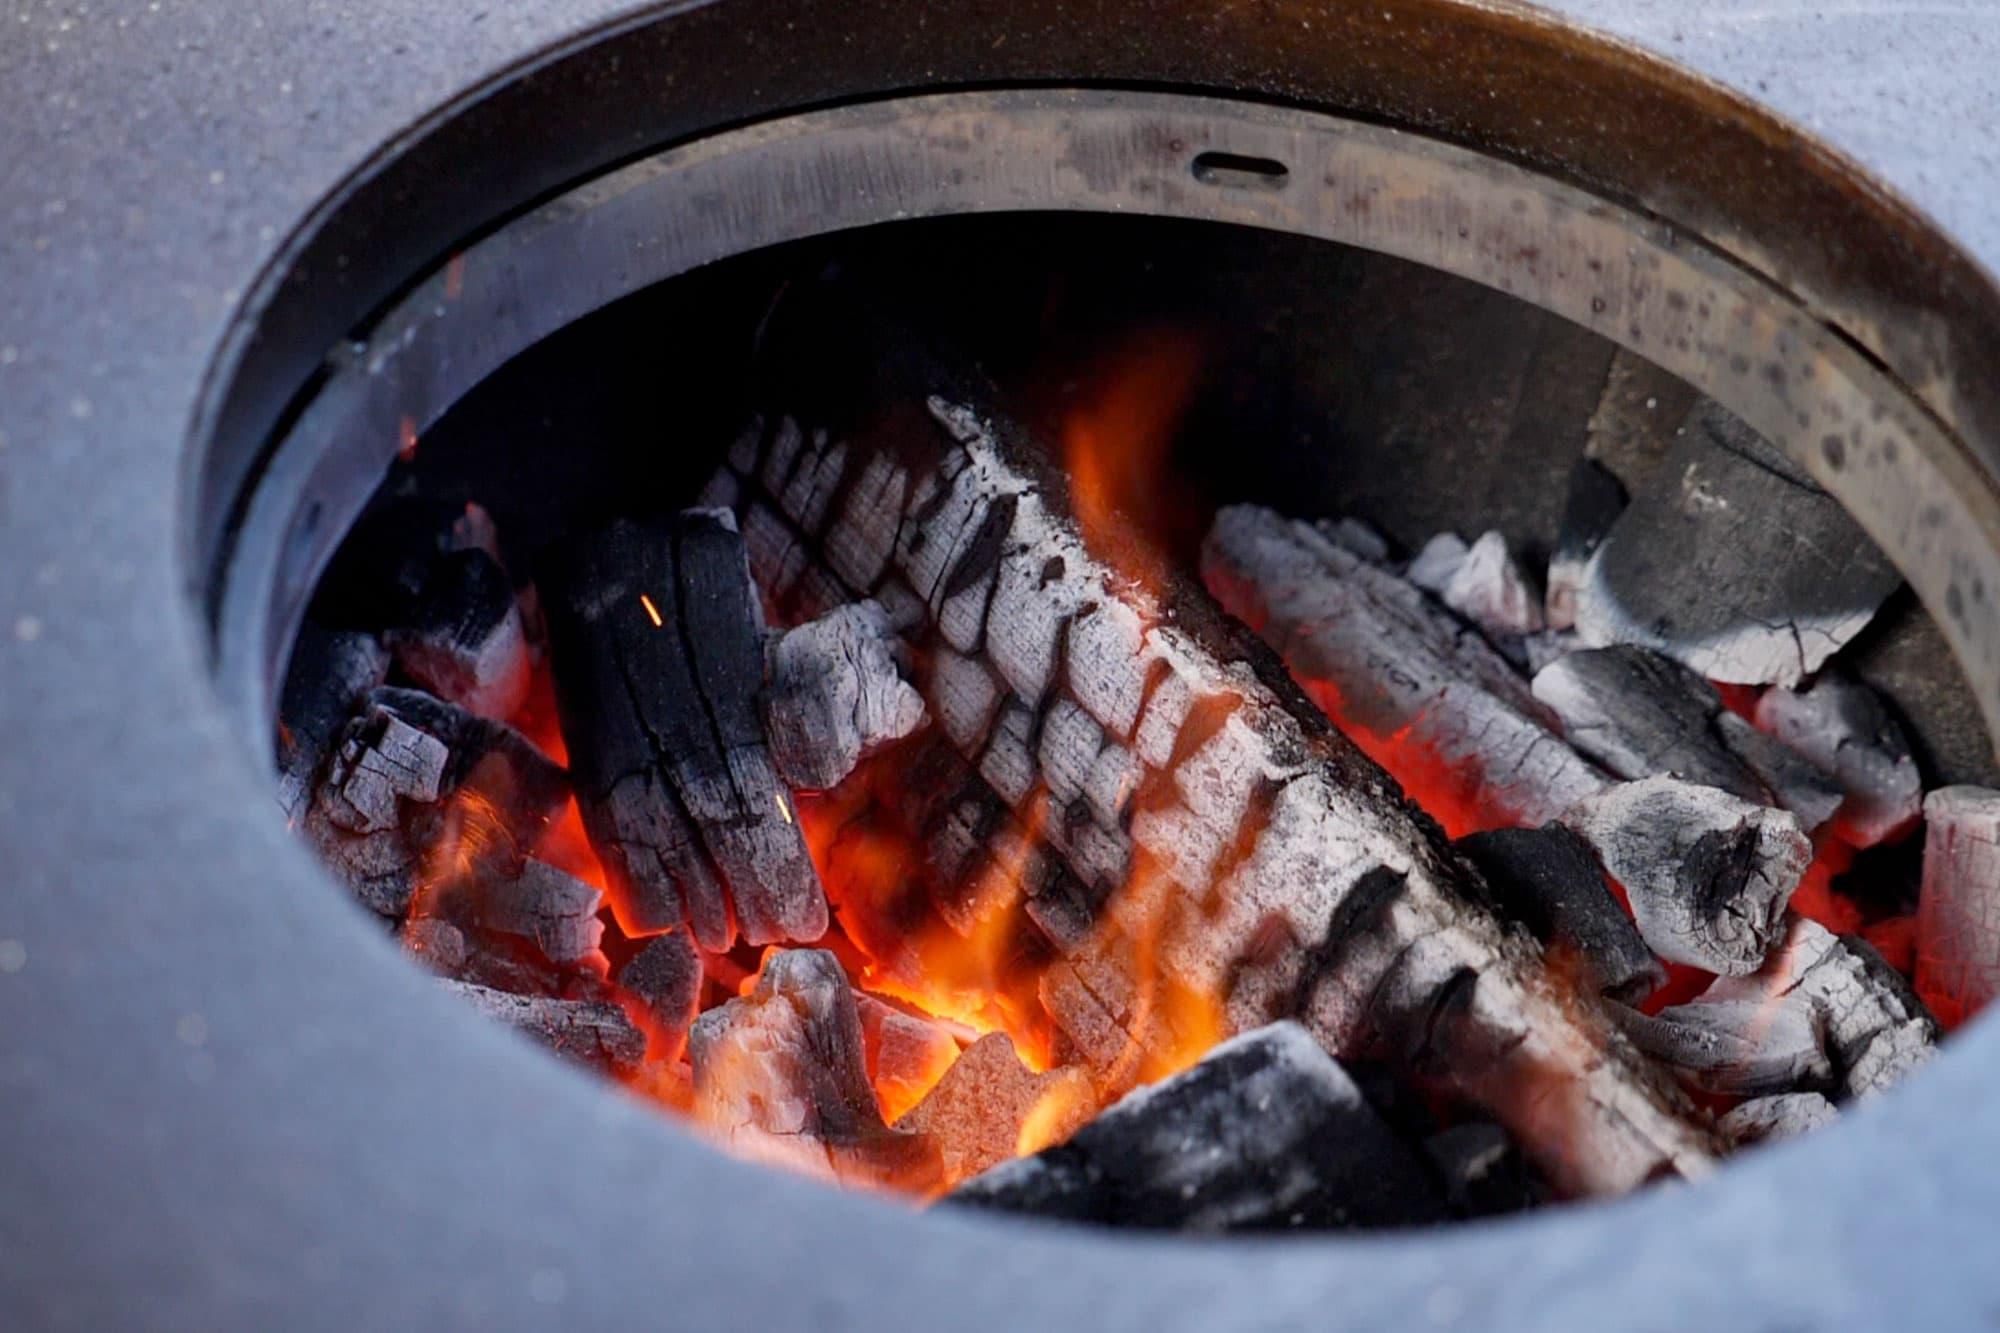 In der Mitte der Plancha lodert das Feuer